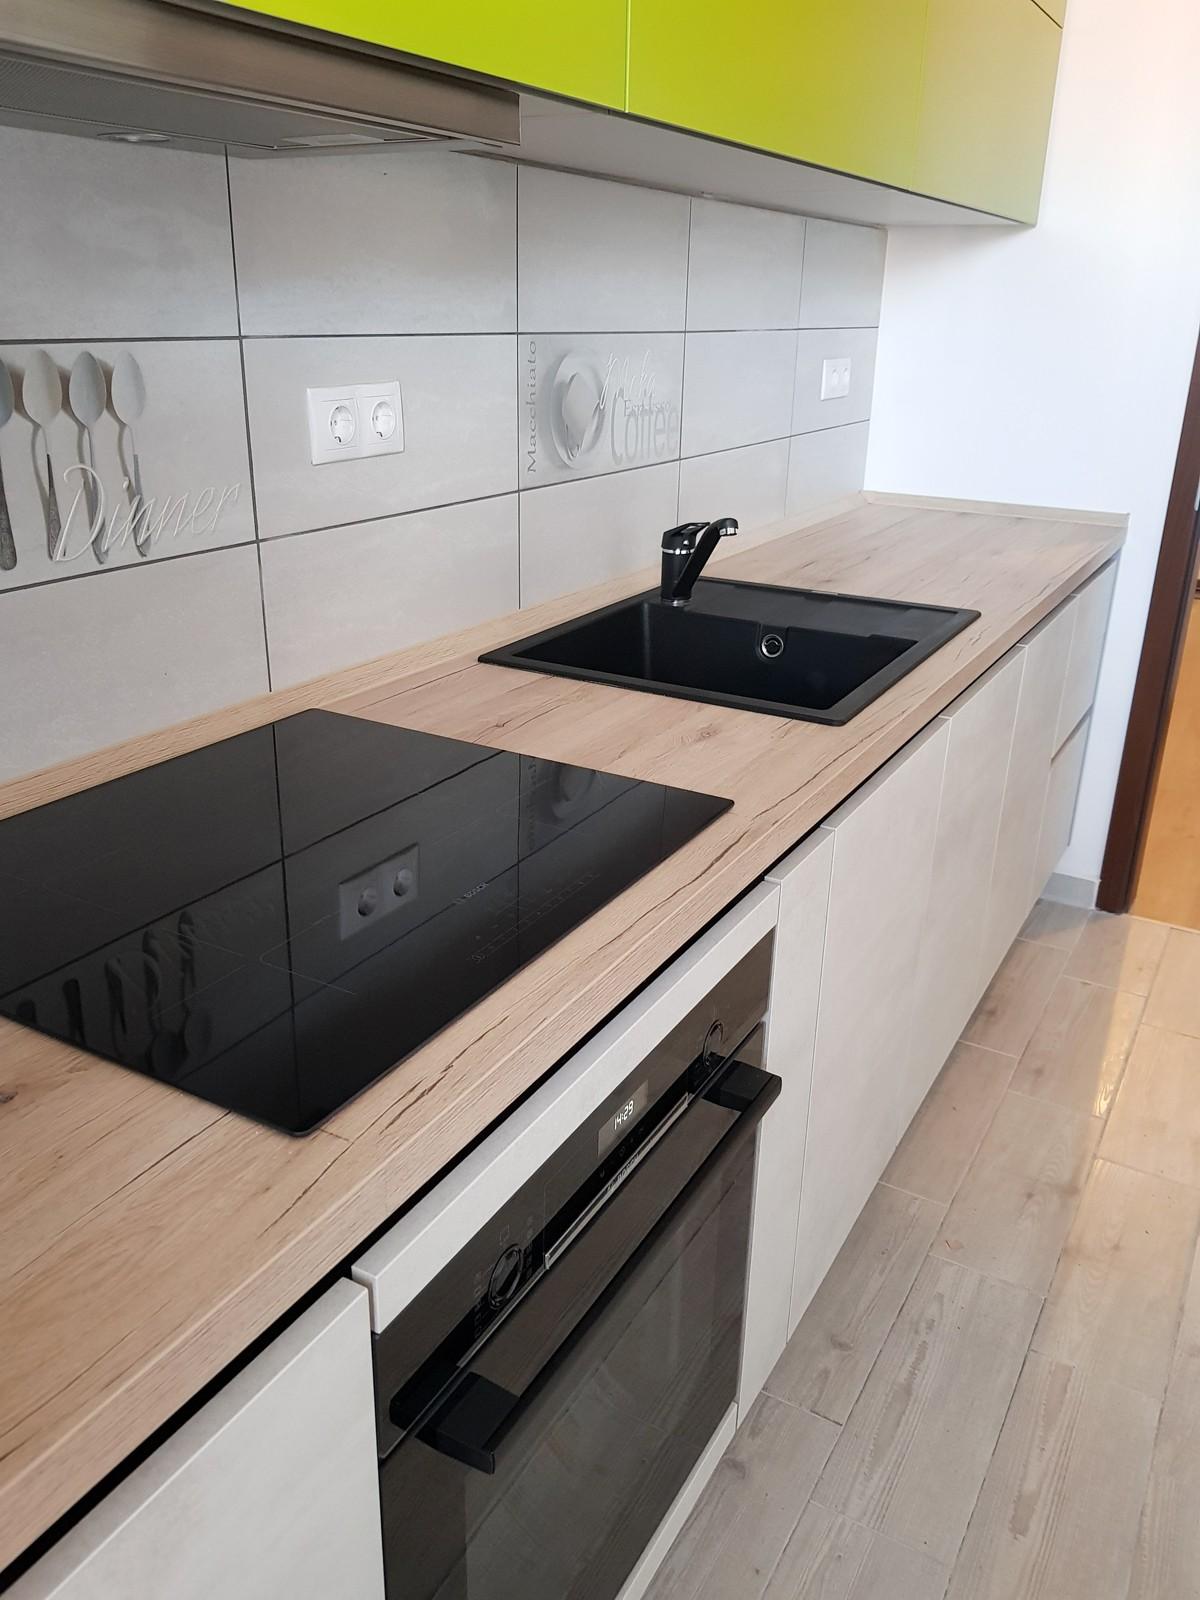 Referință - Bucătărie modernă Nobilia Riva - Beton alb / Verde ferigă